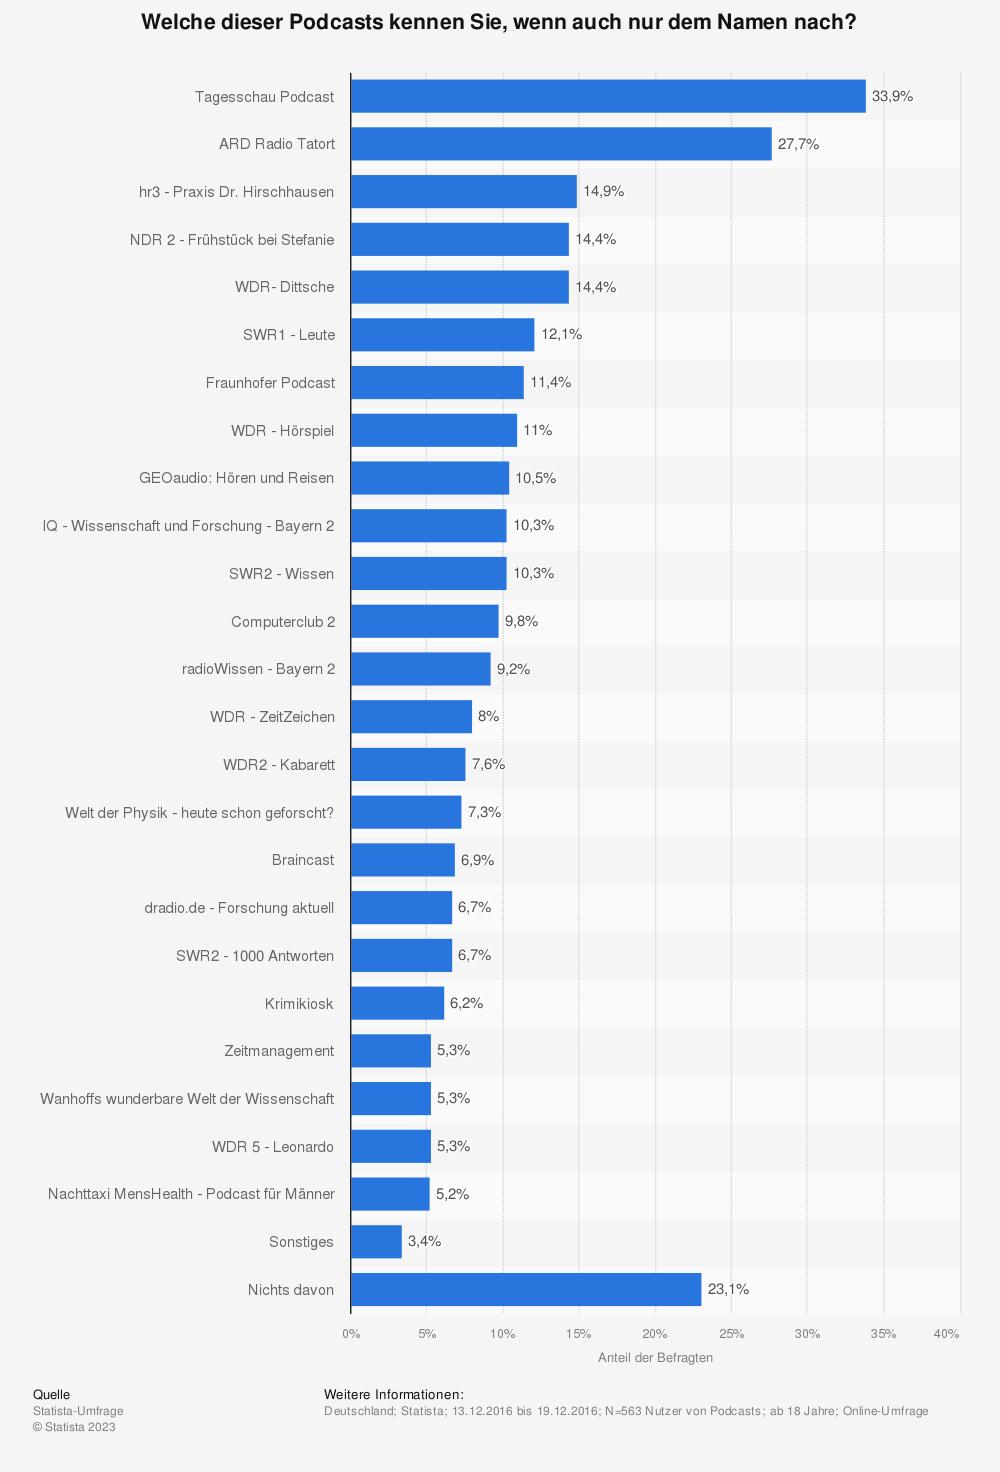 Statistik: Welche dieser Podcasts kennen Sie, wenn auch nur dem Namen nach? | Statista